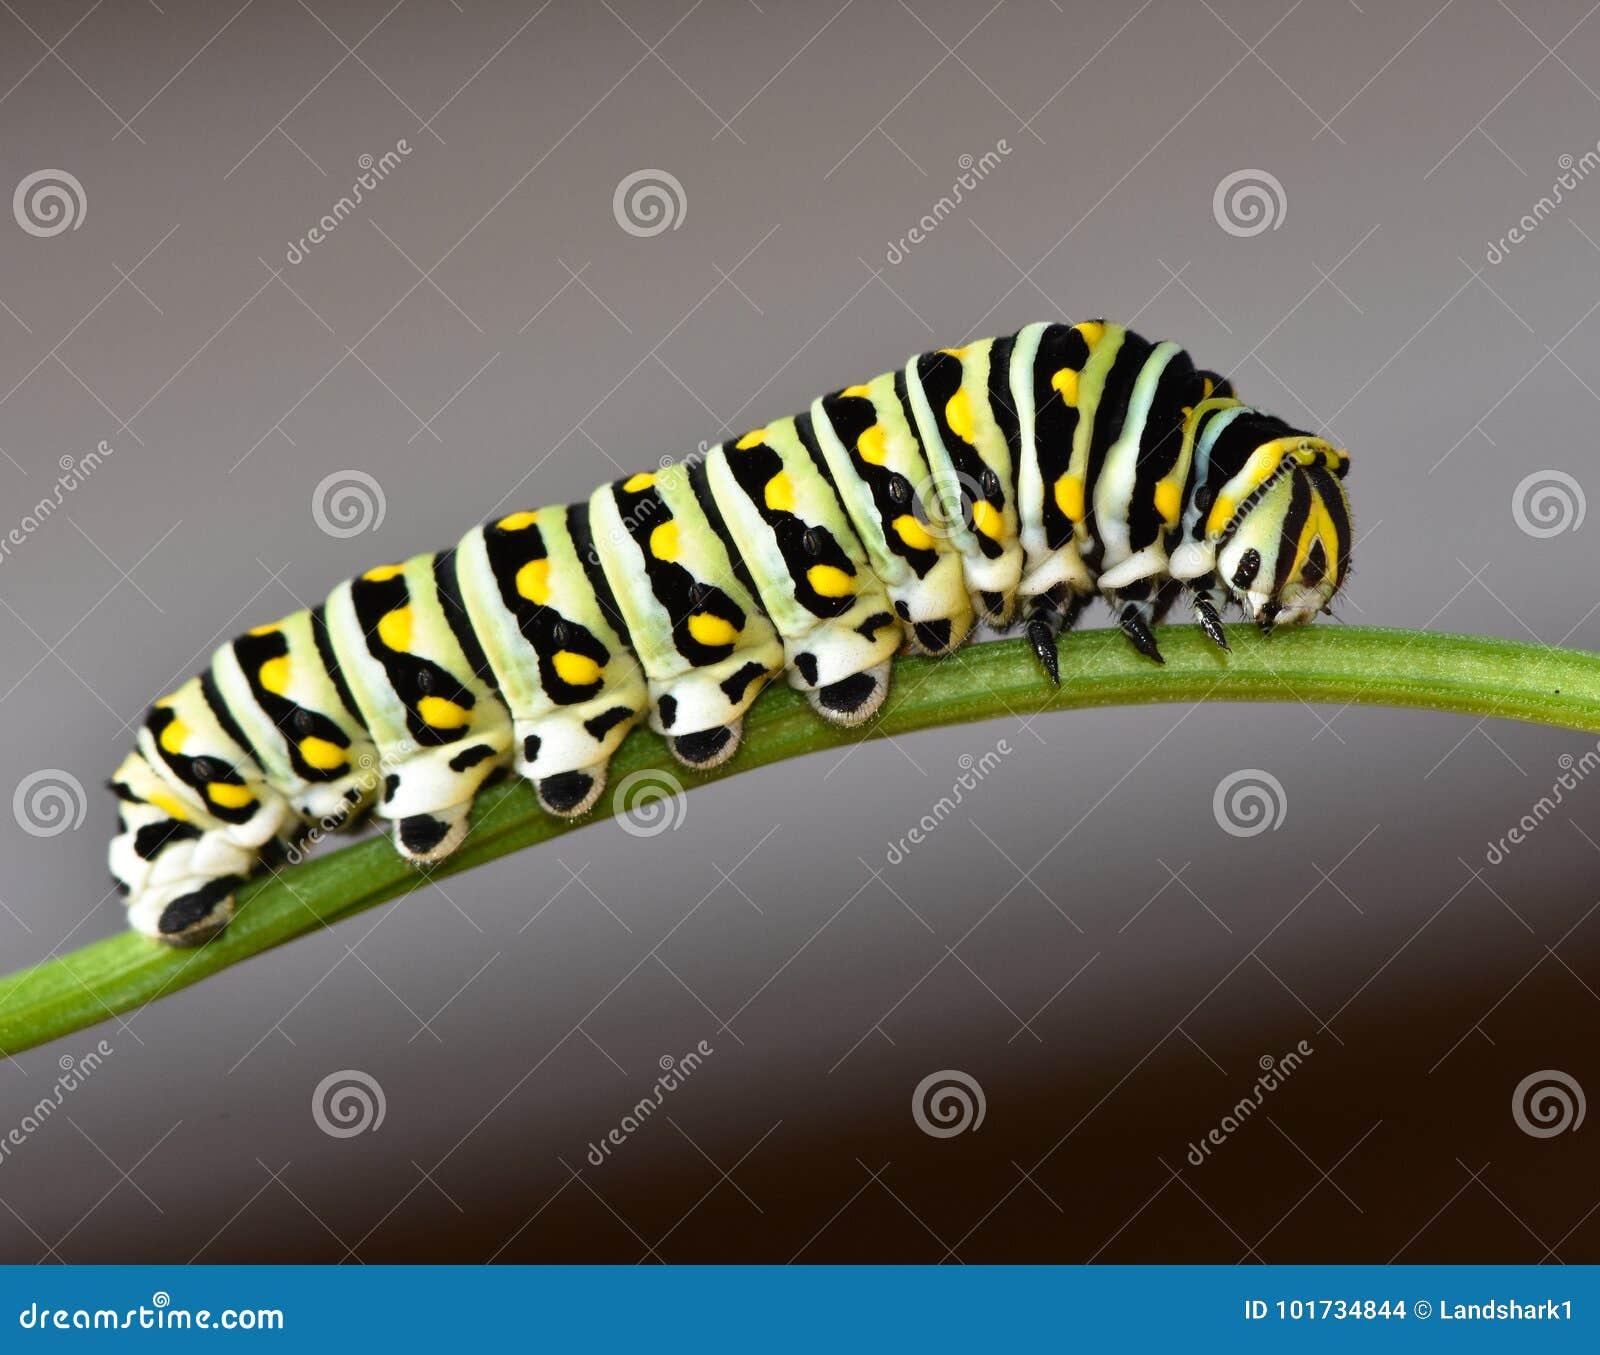 Czarny Swallowtail Caterpillar - Motylia larwa